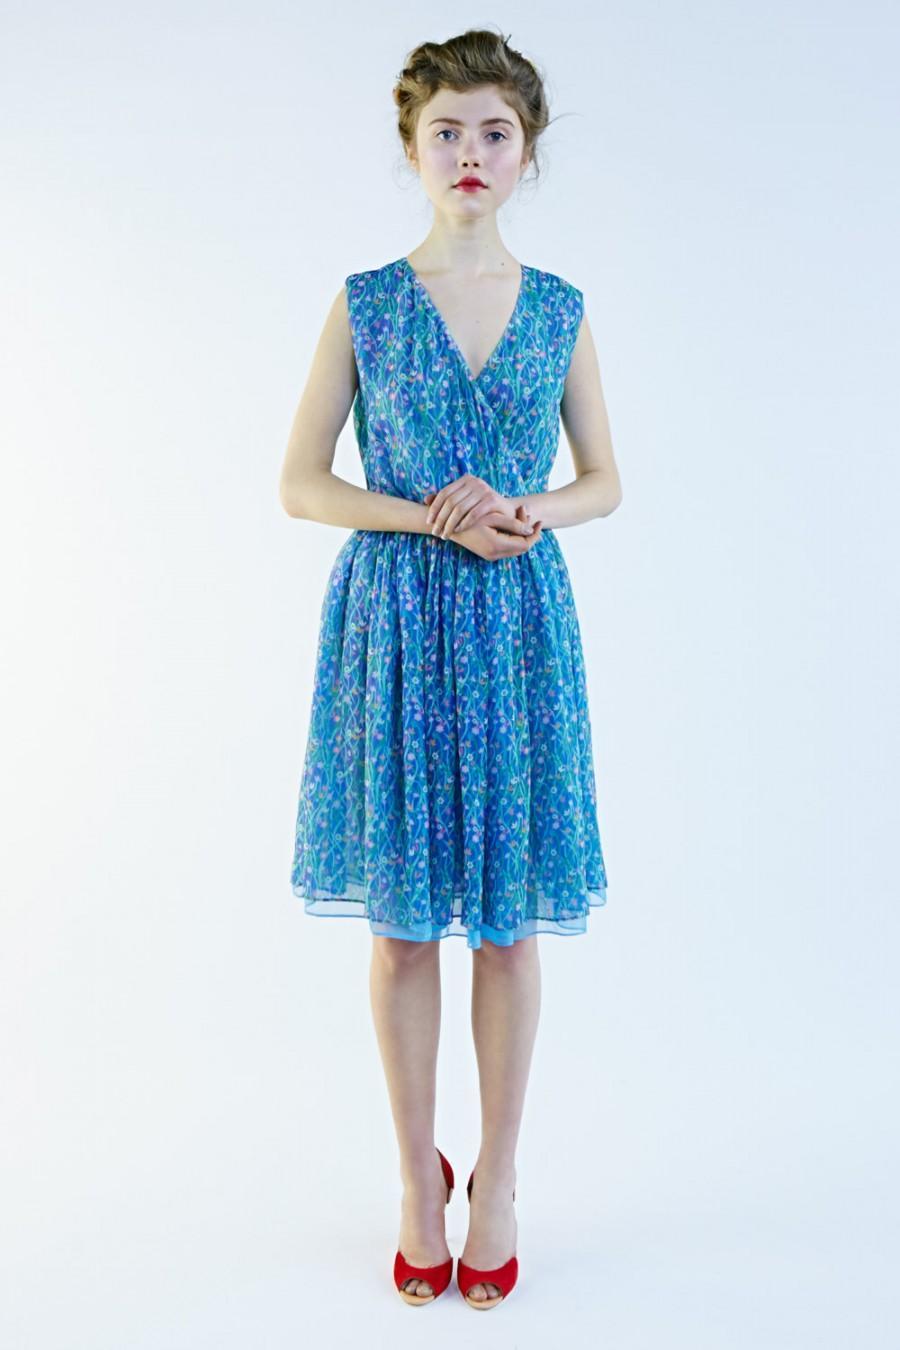 2019 year lifestyle- Silk blue chiffon dress